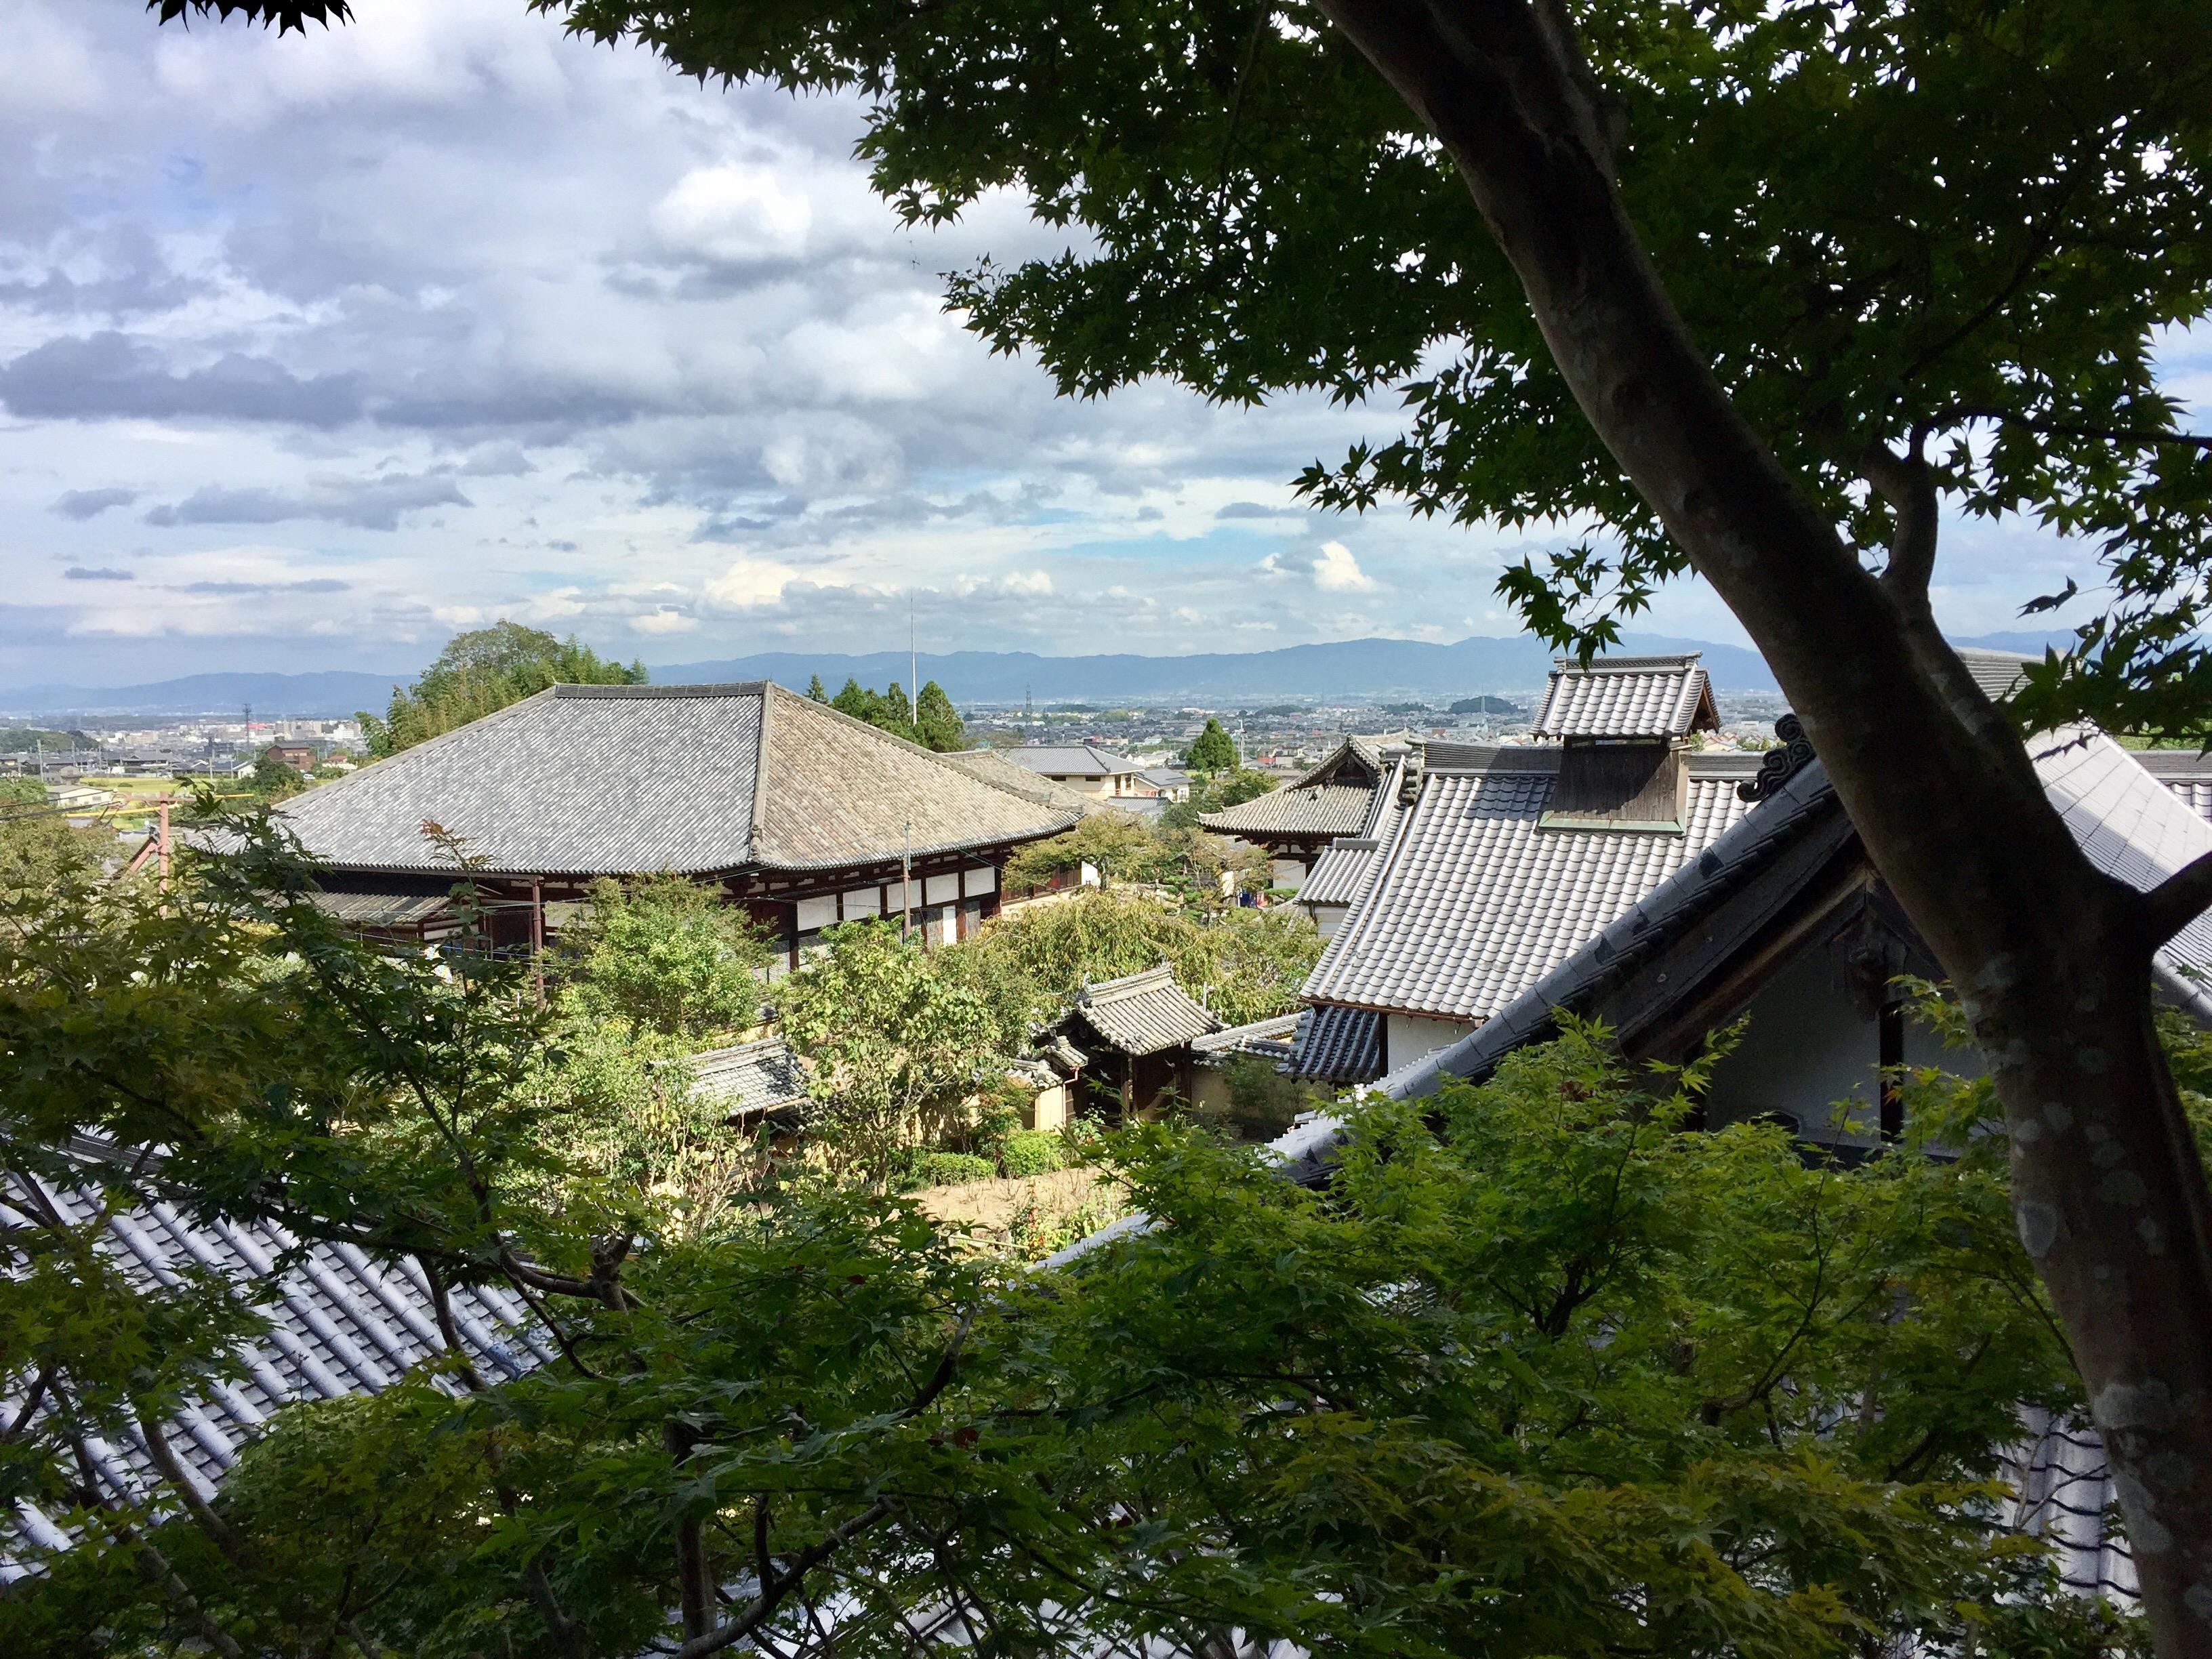 西塔のある庭園からの眺めです。奈良市内が一望できます。(2016年秋撮影)